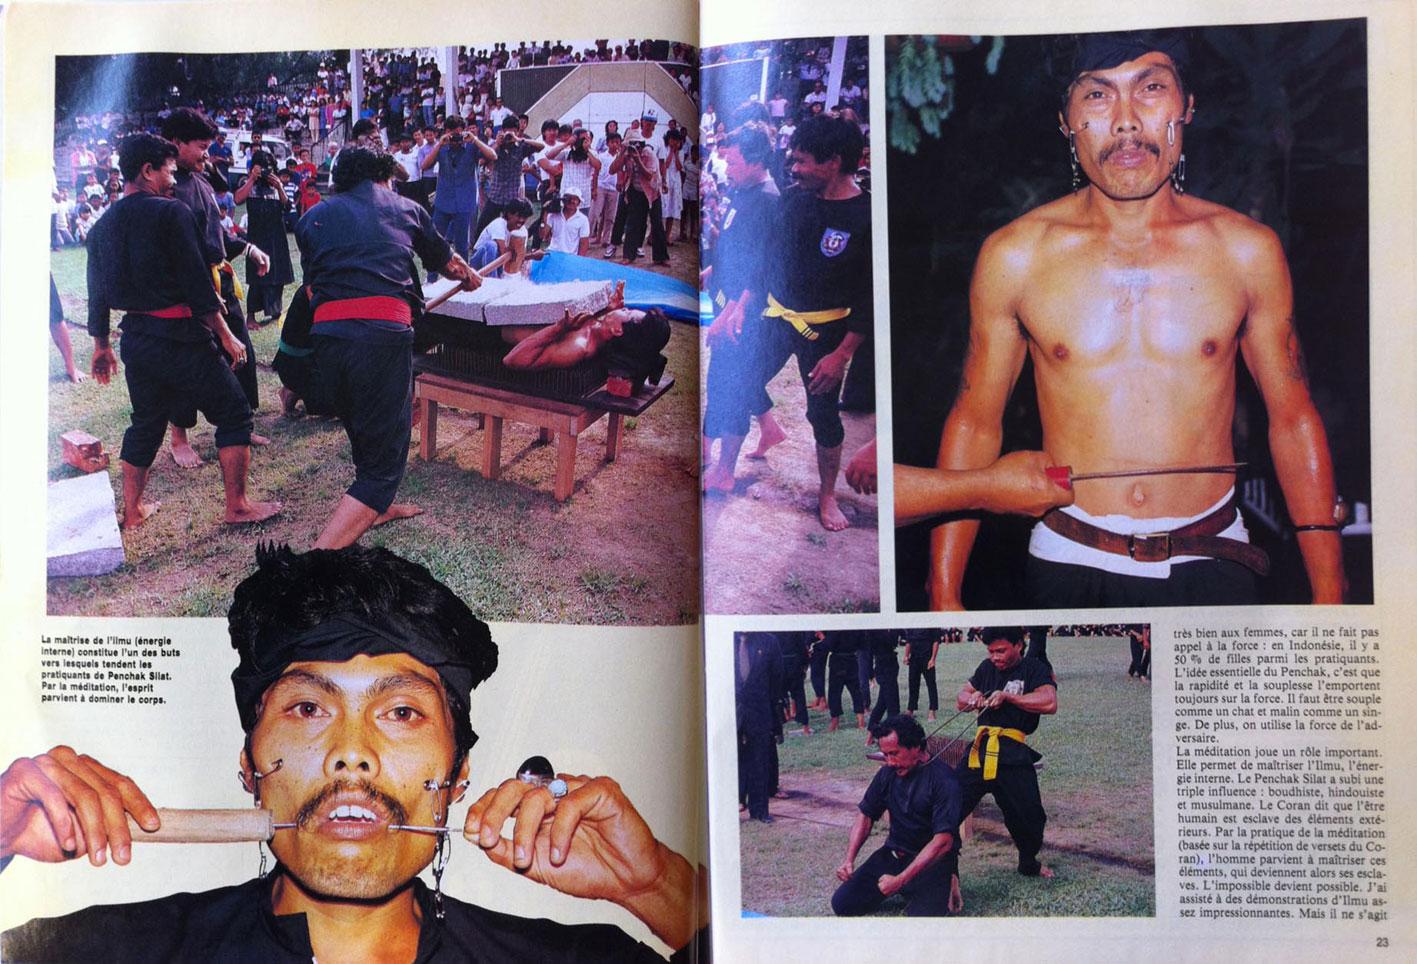 Penchak Silat - L'Art Secret de la Jungle - Reportage